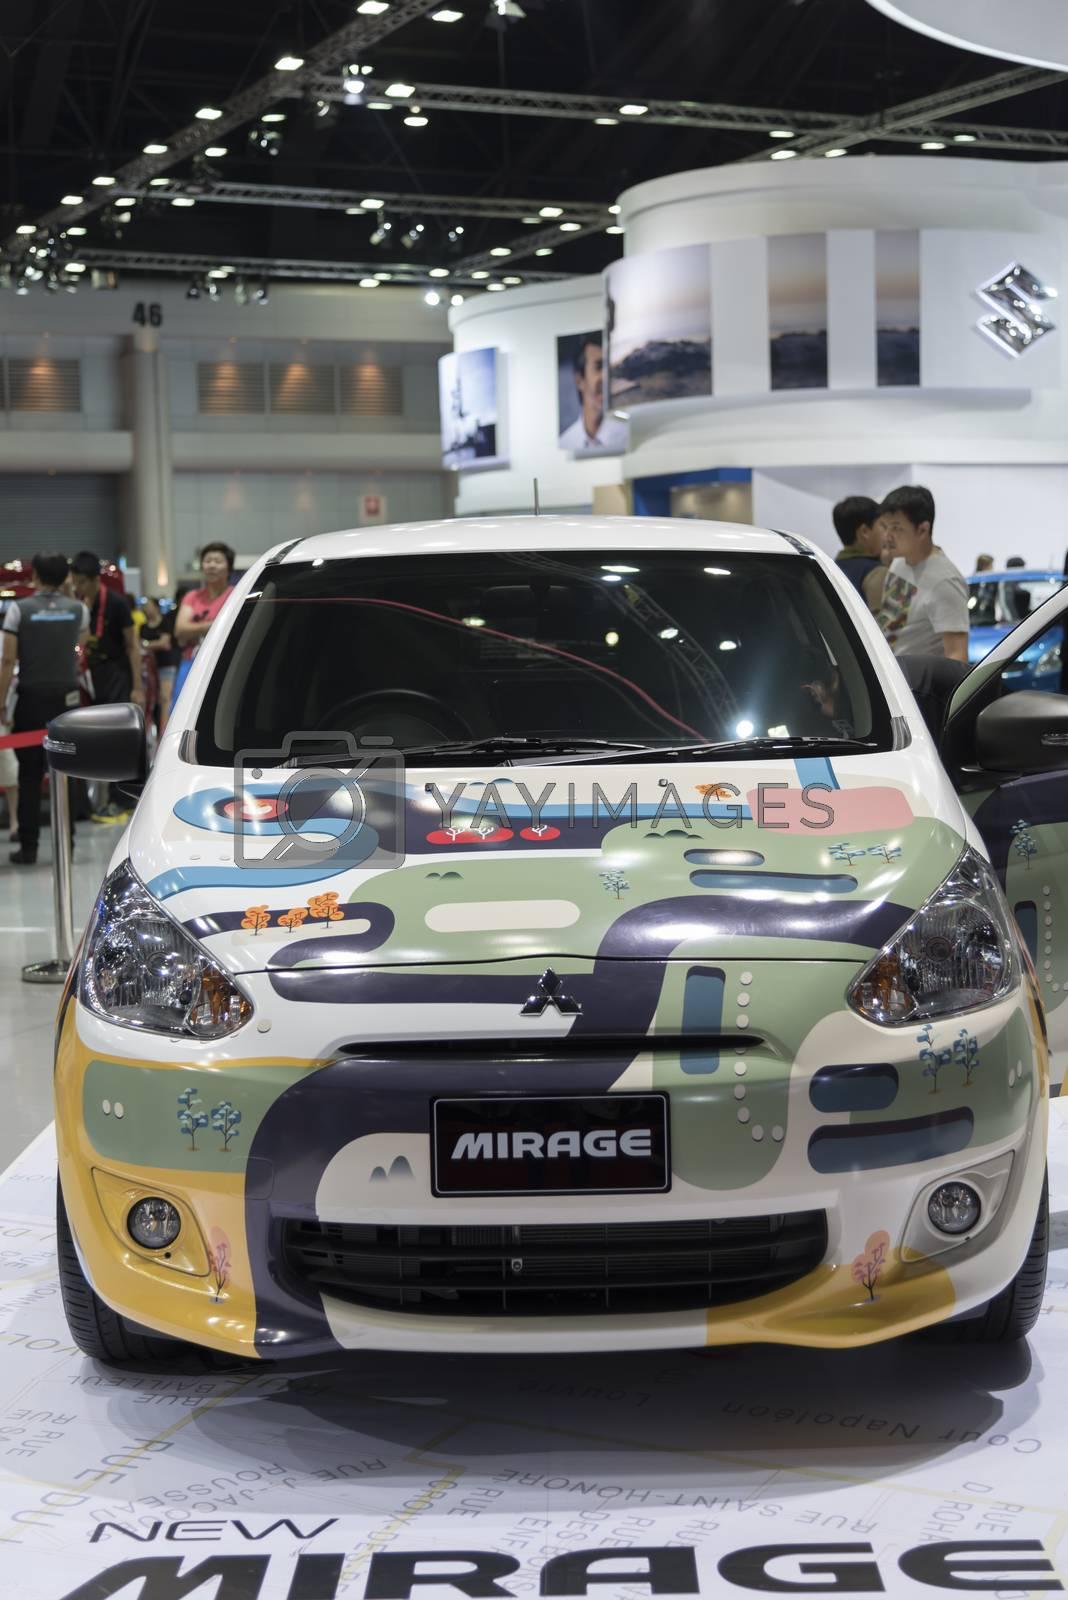 BANGKOK,THAILAND - APRIL 4 : mitsubishi mirage show on April 4,2015 at the 36th Bangkok international motor show in Thailand.